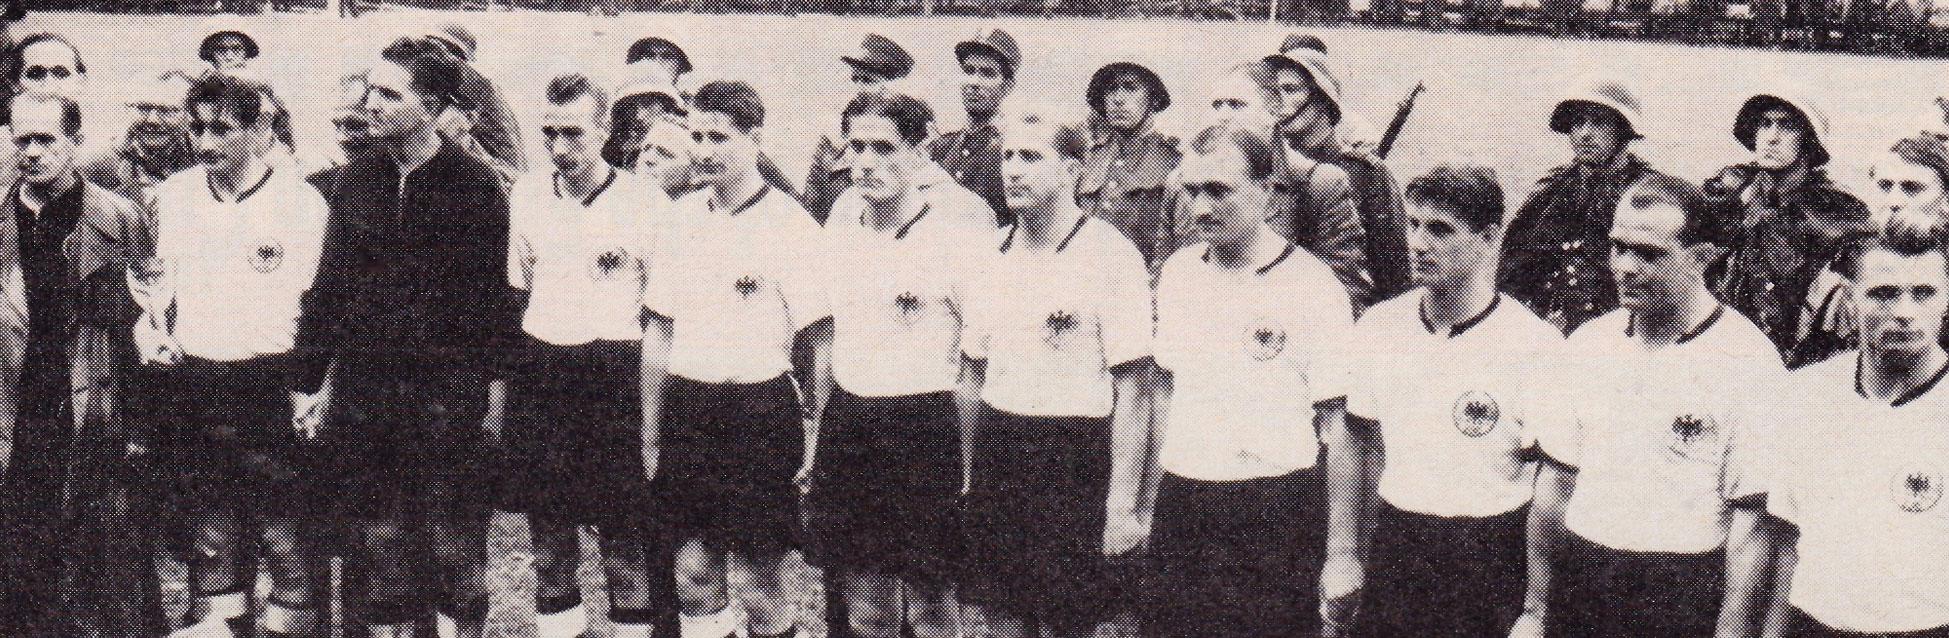 Alemania en el Mundial de 54